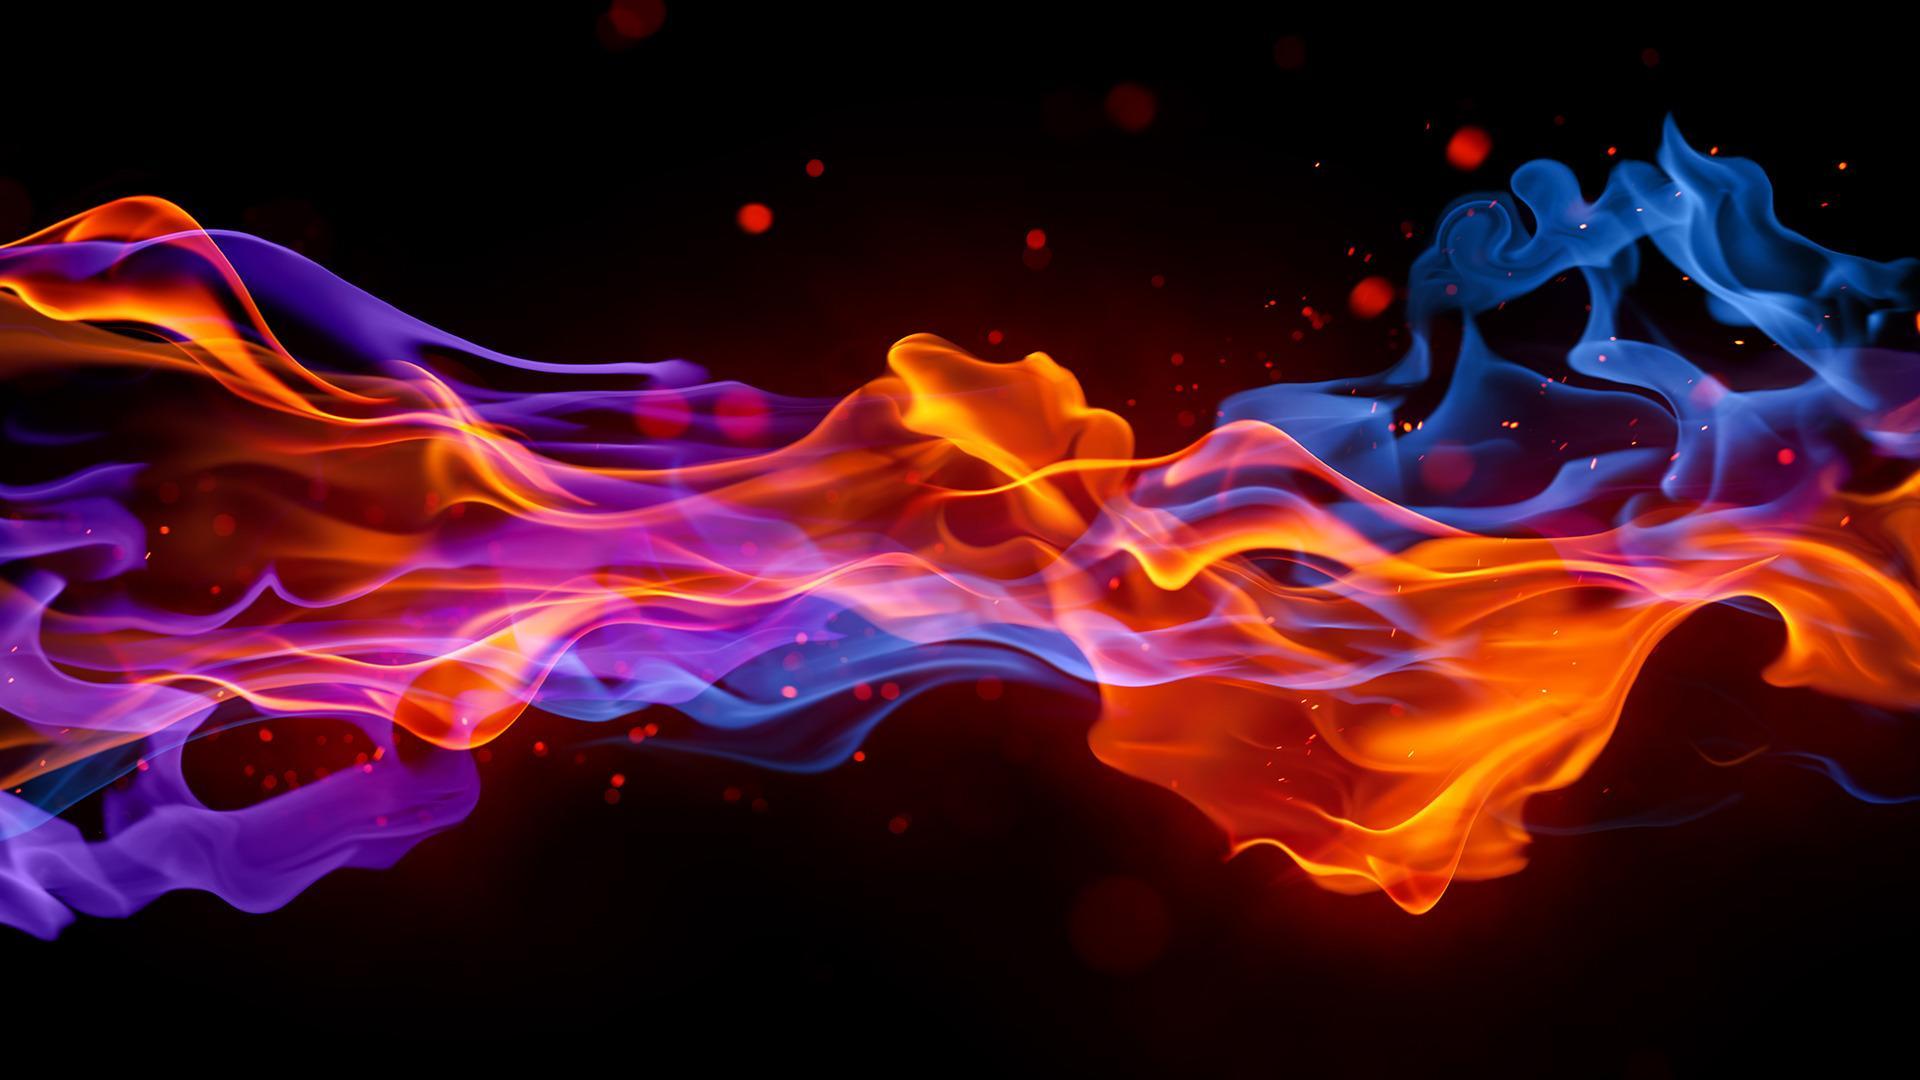 Red Fire Flames Hd Wallpaper Wallpaper List 1920x1080